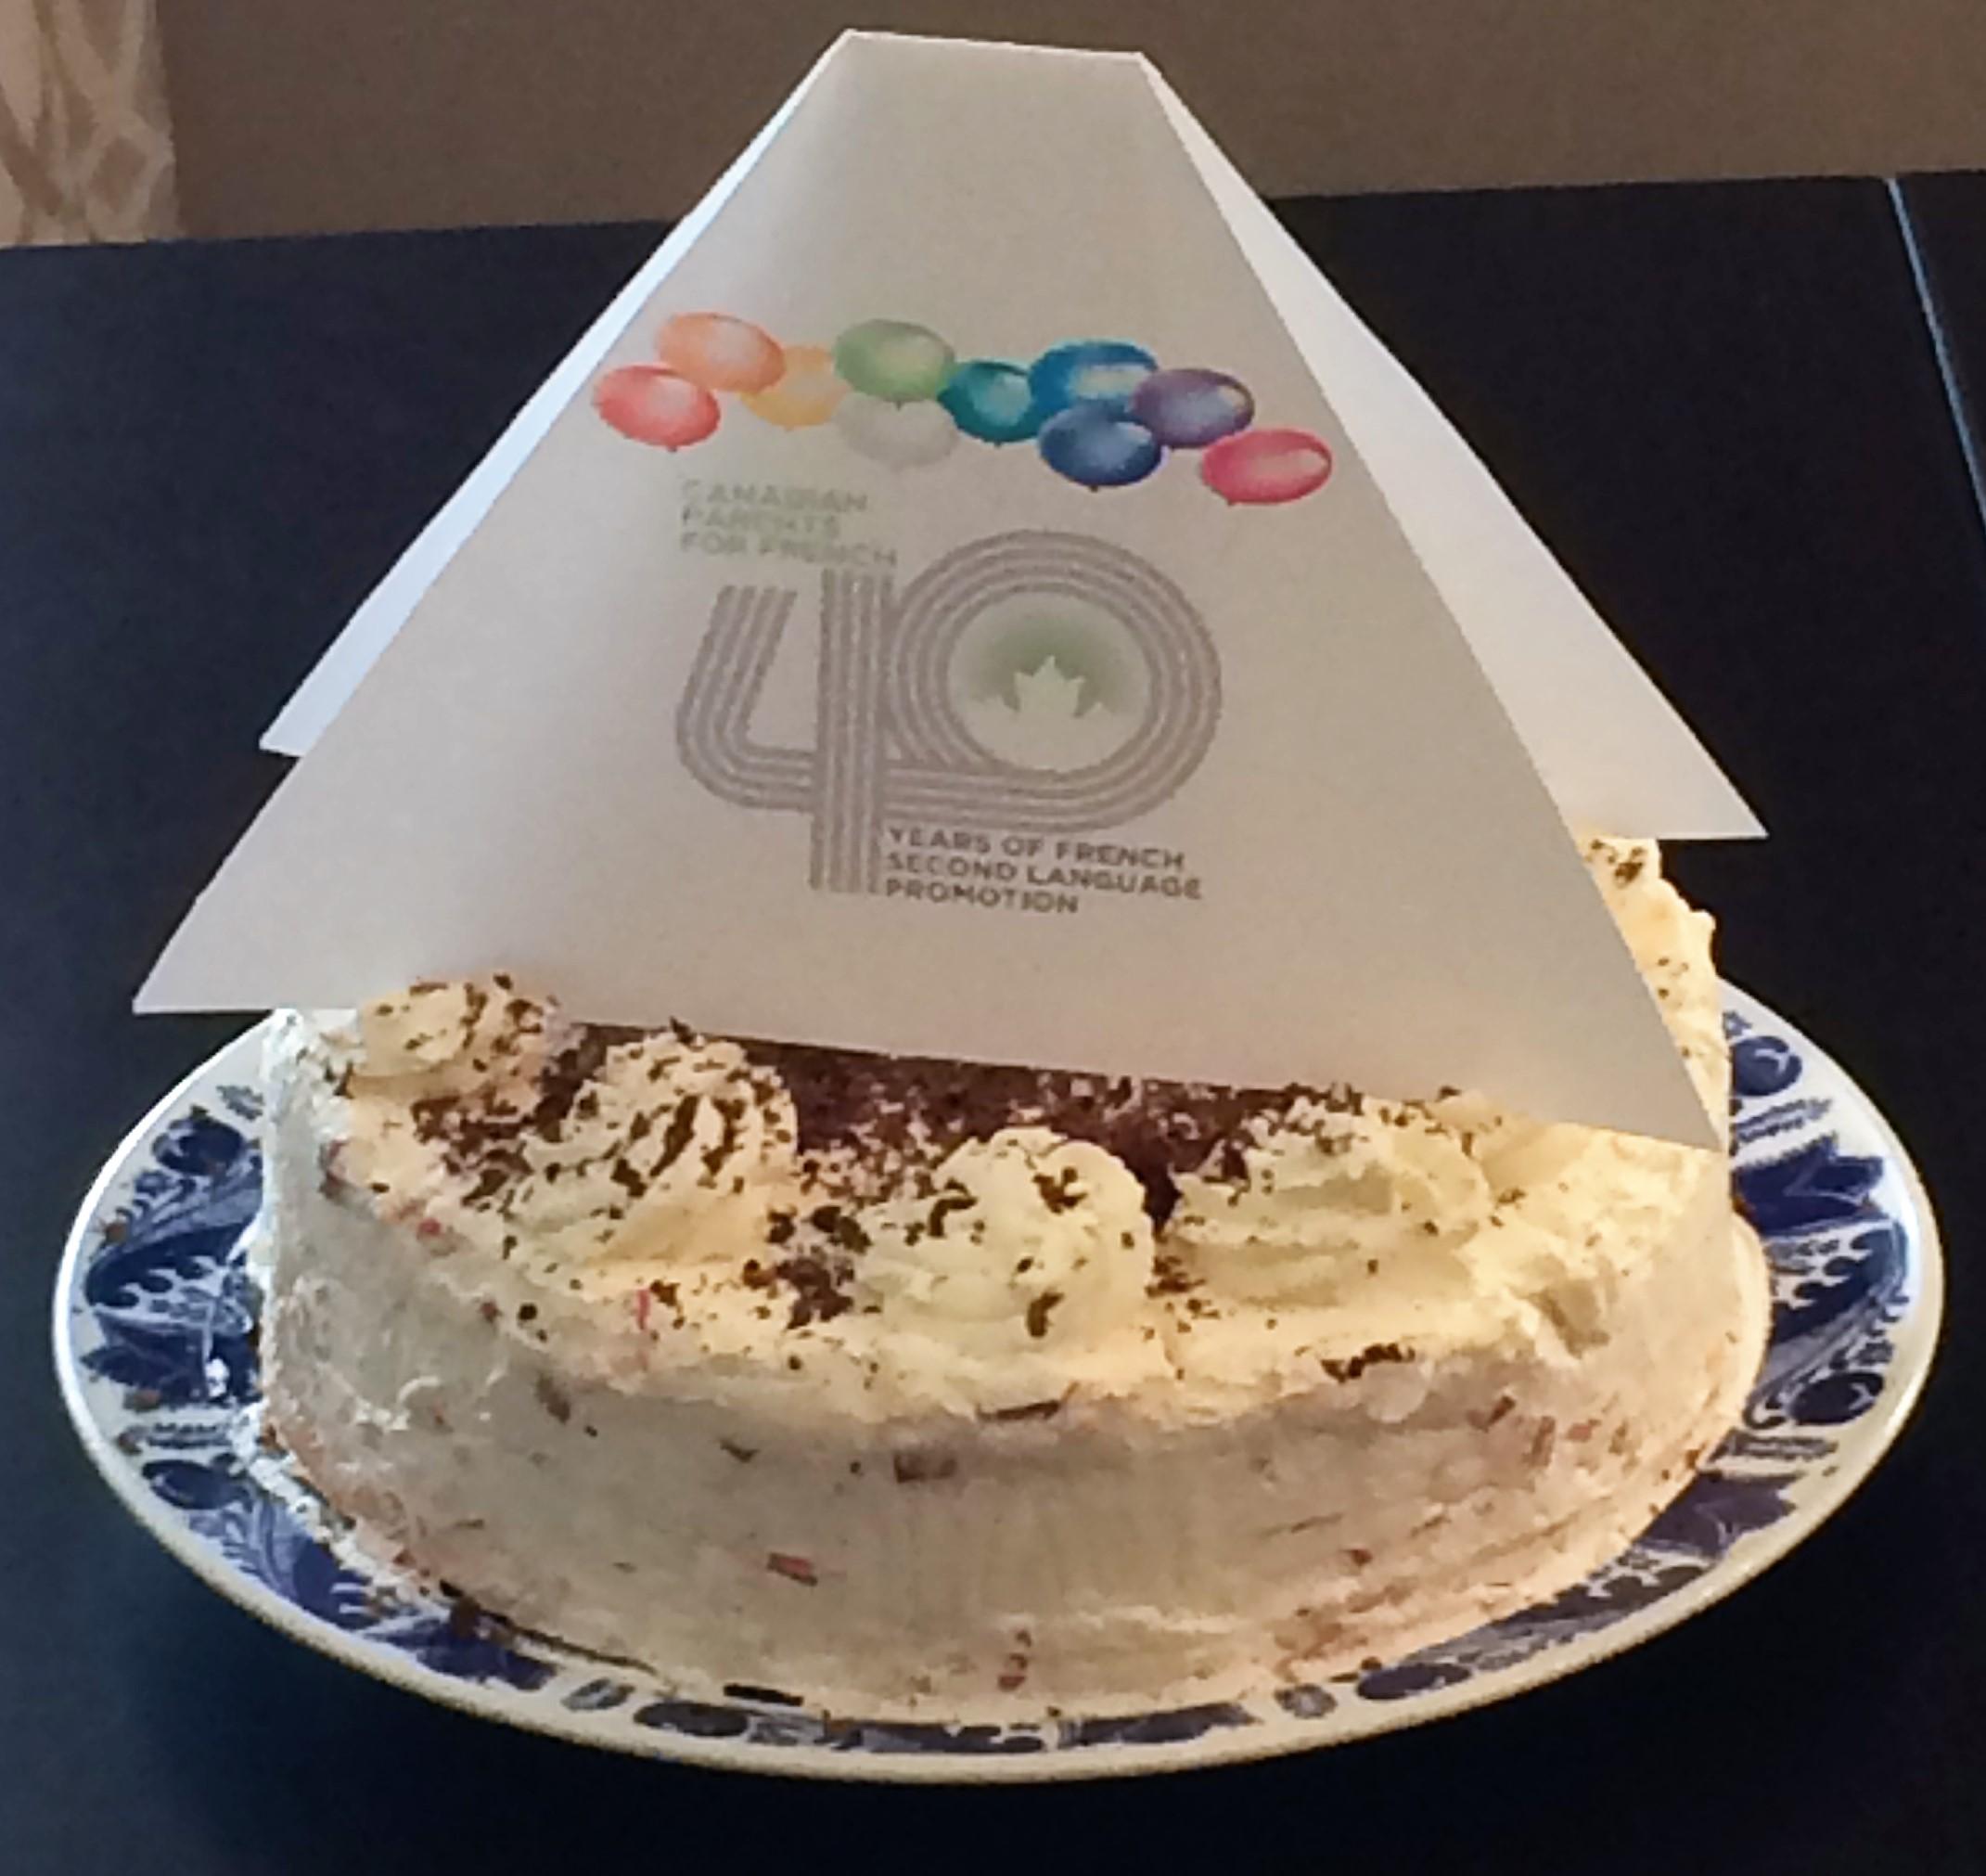 Cake 40 yrs AGM 2017